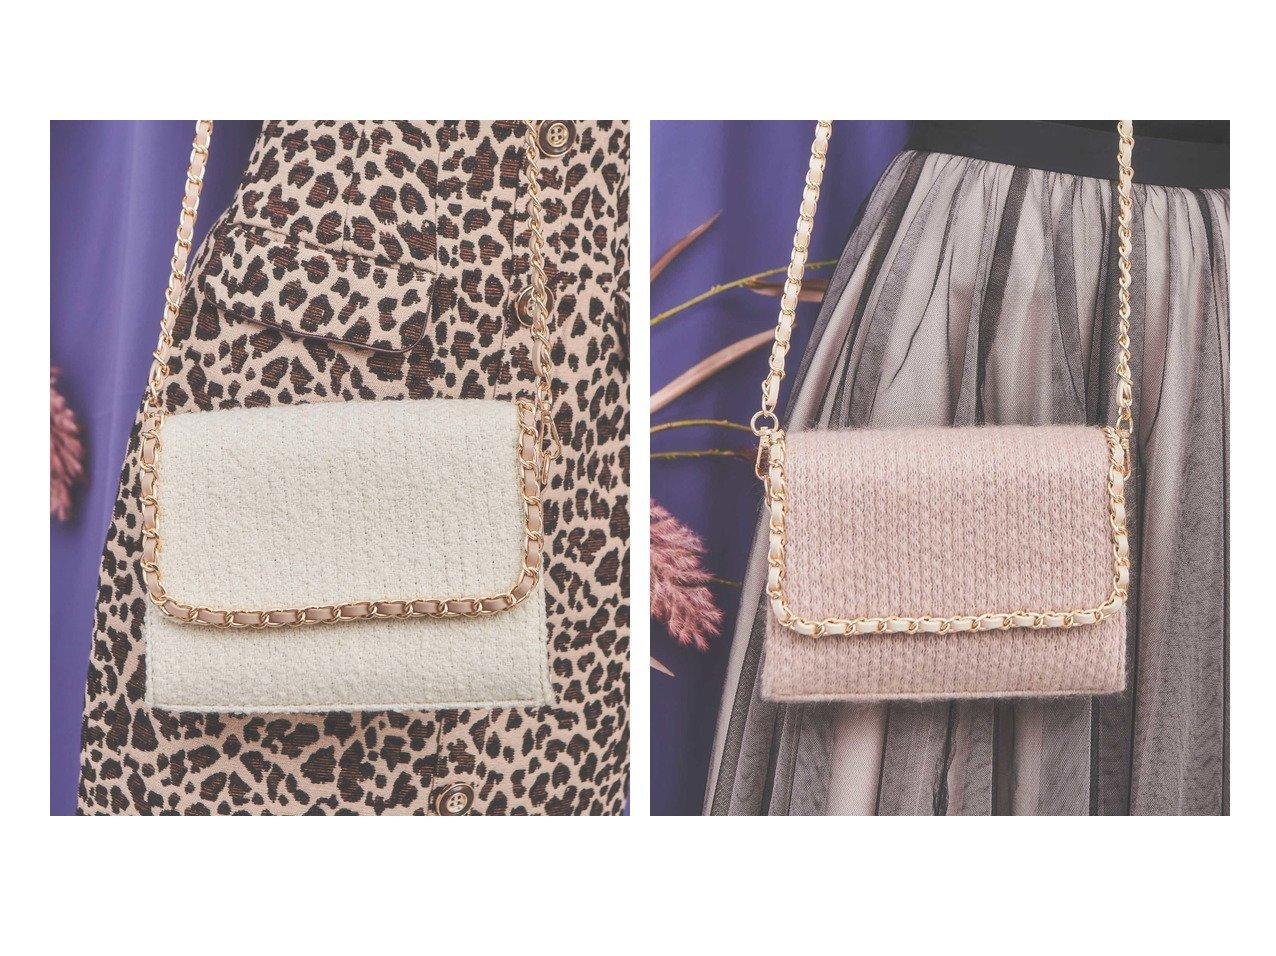 【Noela/ノエラ】の配色チェーンニットバッグ 【バッグ・鞄】おすすめ!人気、トレンド・レディースファッションの通販 おすすめで人気の流行・トレンド、ファッションの通販商品 インテリア・家具・メンズファッション・キッズファッション・レディースファッション・服の通販 founy(ファニー) https://founy.com/ ファッション Fashion レディースファッション WOMEN トップス・カットソー Tops/Tshirt ニット Knit Tops チェーン ポケット |ID:crp329100000067735